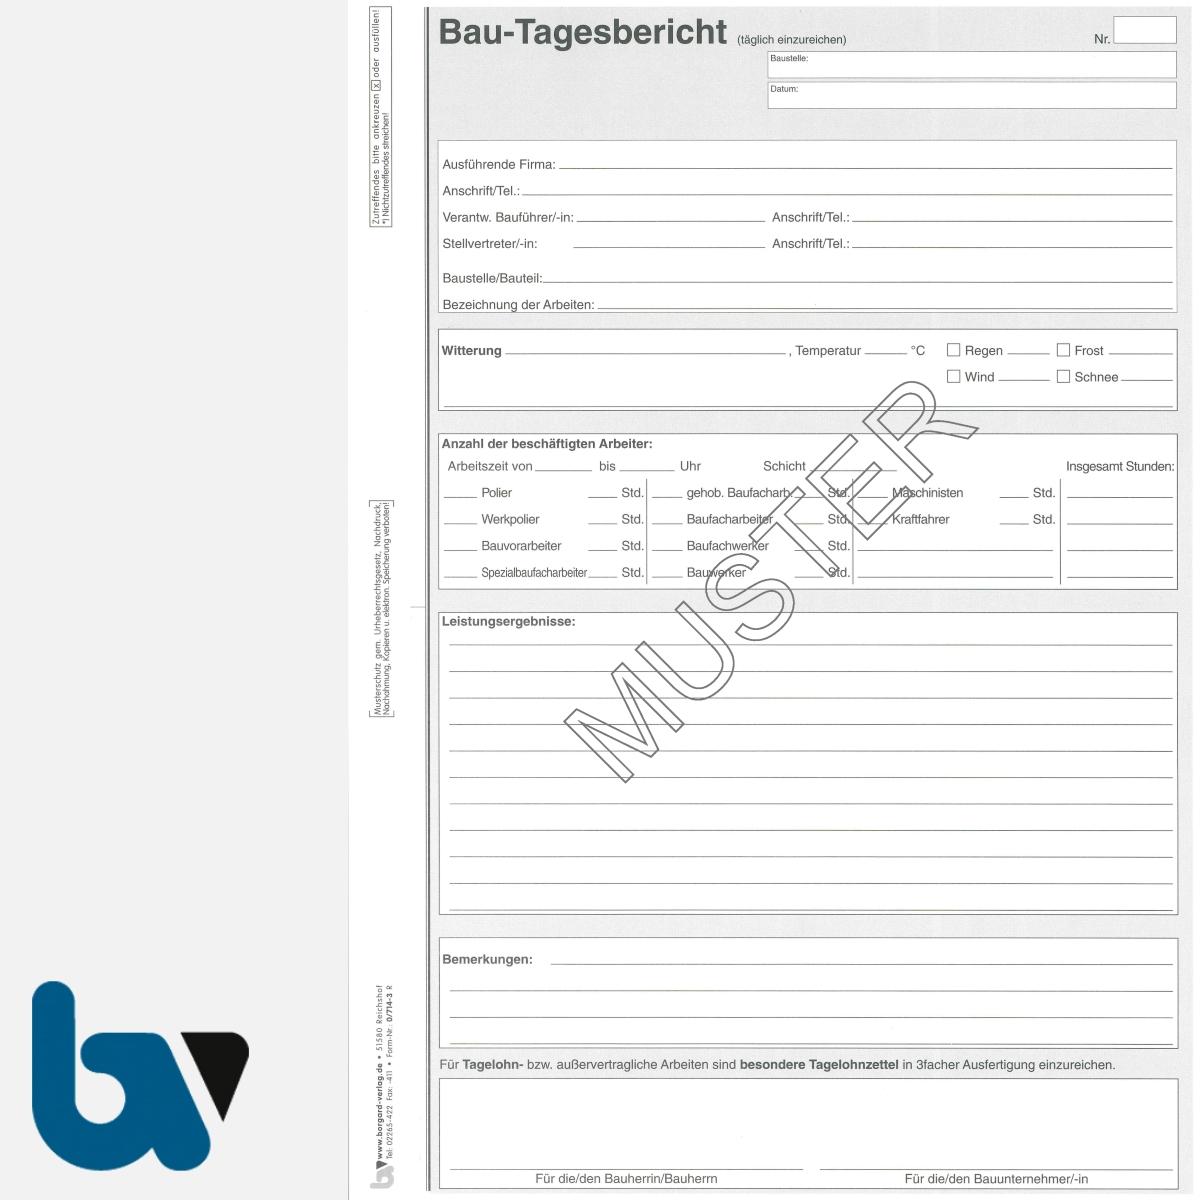 0/714-3a Bau Tagesbericht Wetter Witterung Arbeitseinsatz Leistungsergebnis Tagelohn Seite 1 | Borgard Verlag GmbH